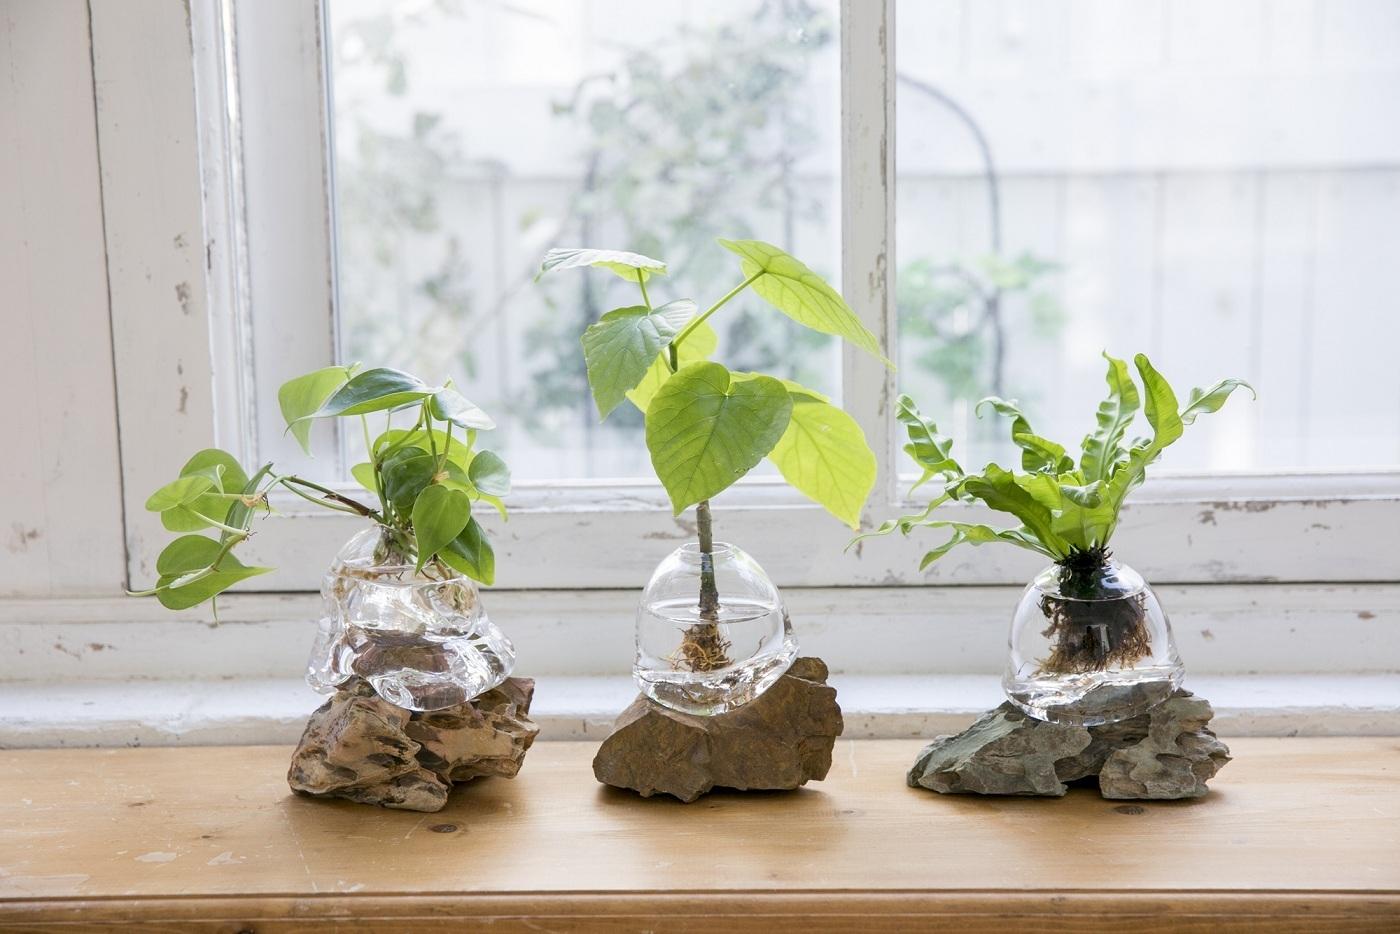 アクア盆栽 各14,580円(税込)~ 土を使わず、 水で育てる「アクア盆栽」。 お手入れは週に1回の水替えだけです。 従来、 土で隠れて見えなかった力強く躍動感のある「根」を鑑賞することができます。